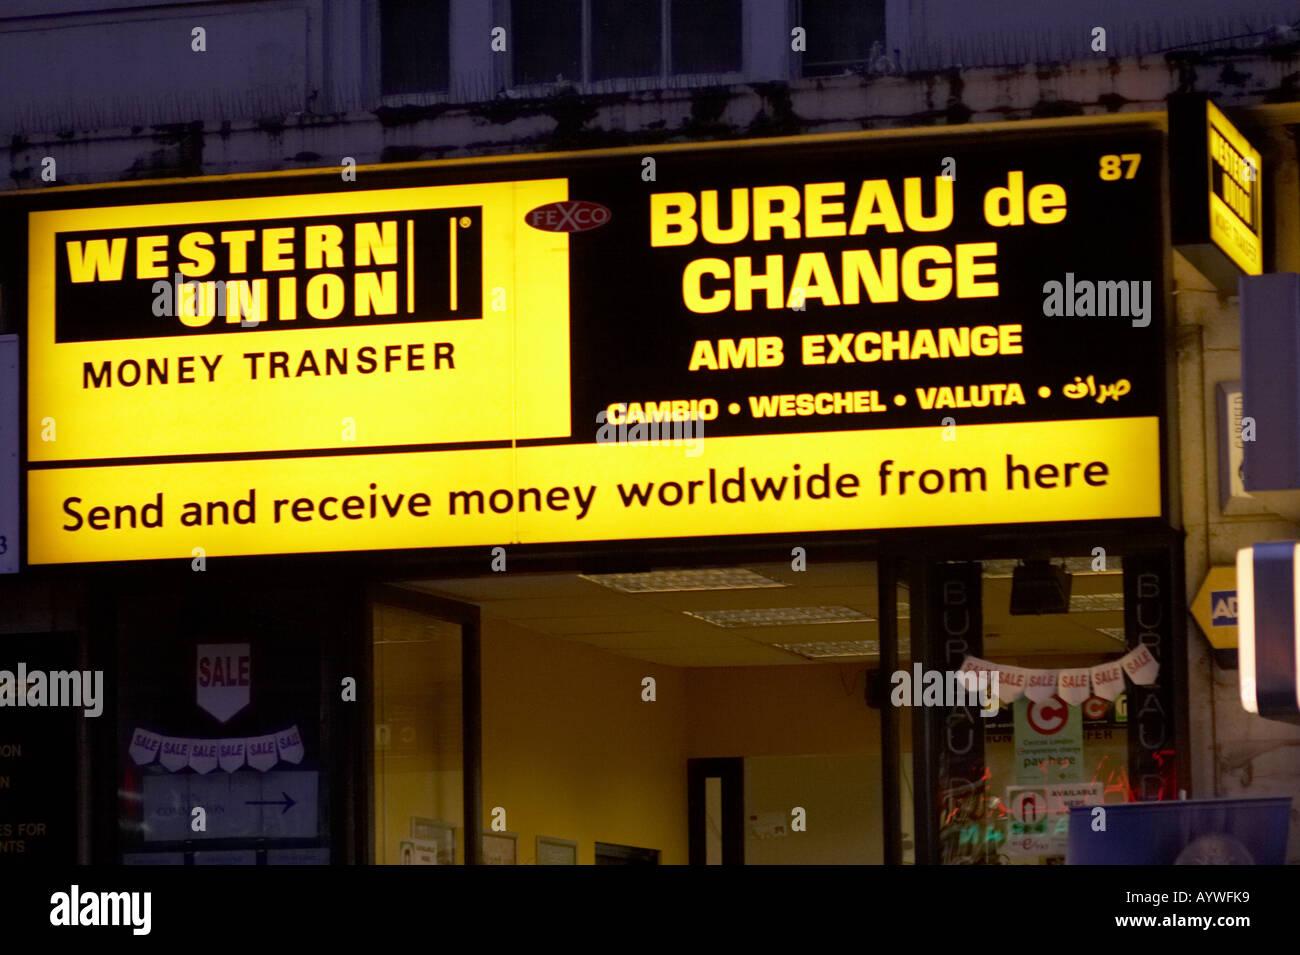 western union money transfer bureau de change in london uk